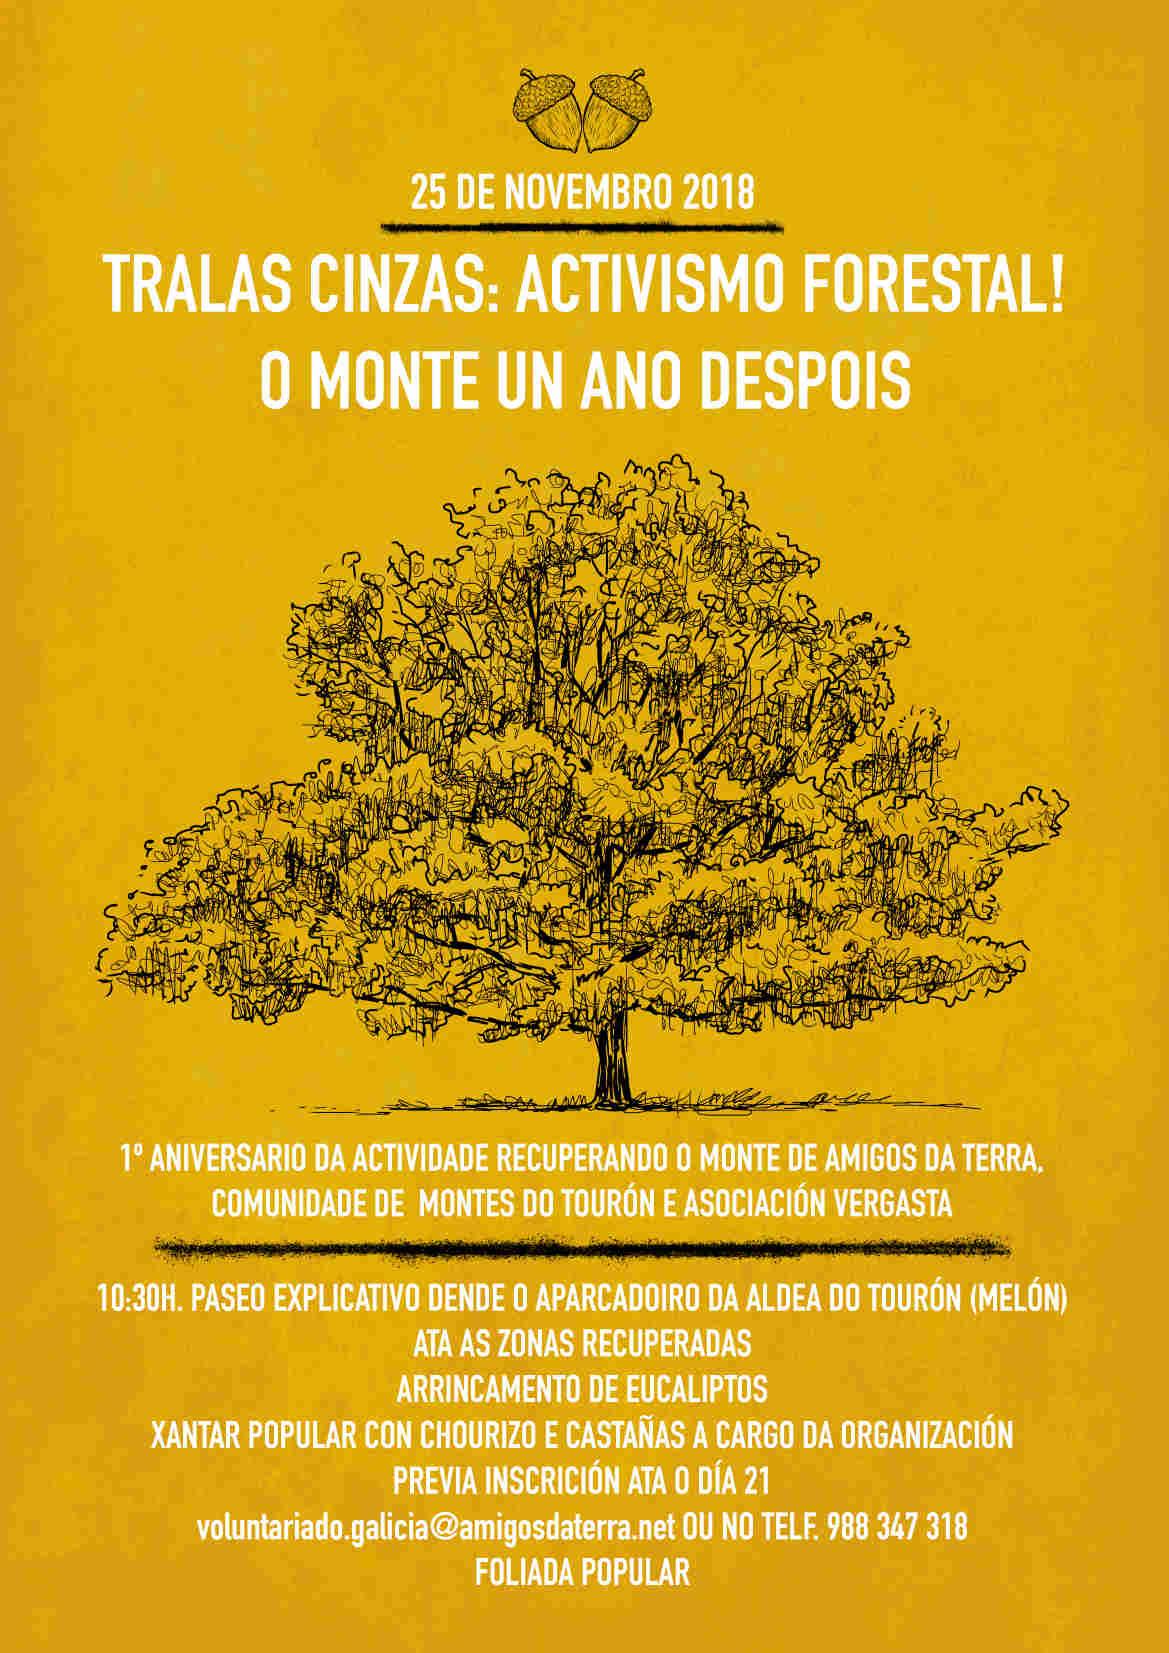 Ir a Galicia: Tralas cinzas! Activismo forestal! O monte un ano despois